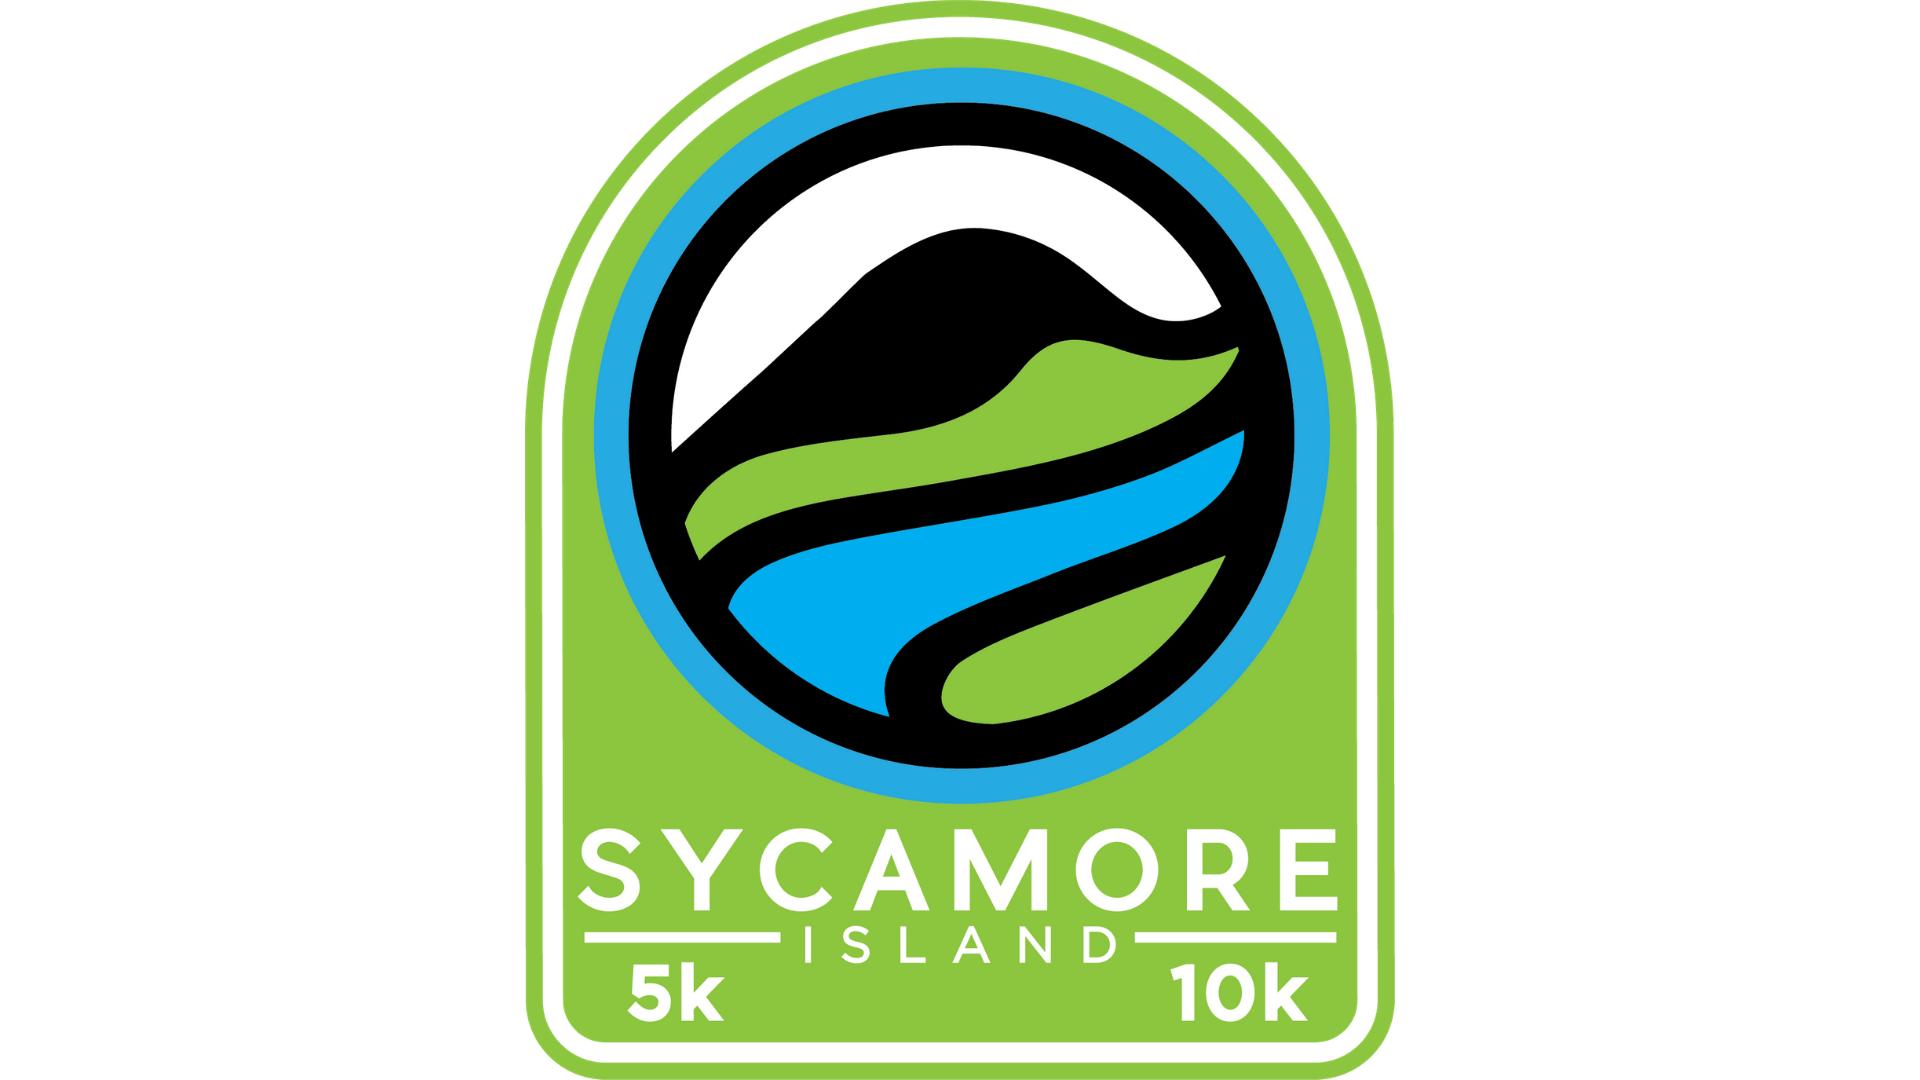 sycamore island